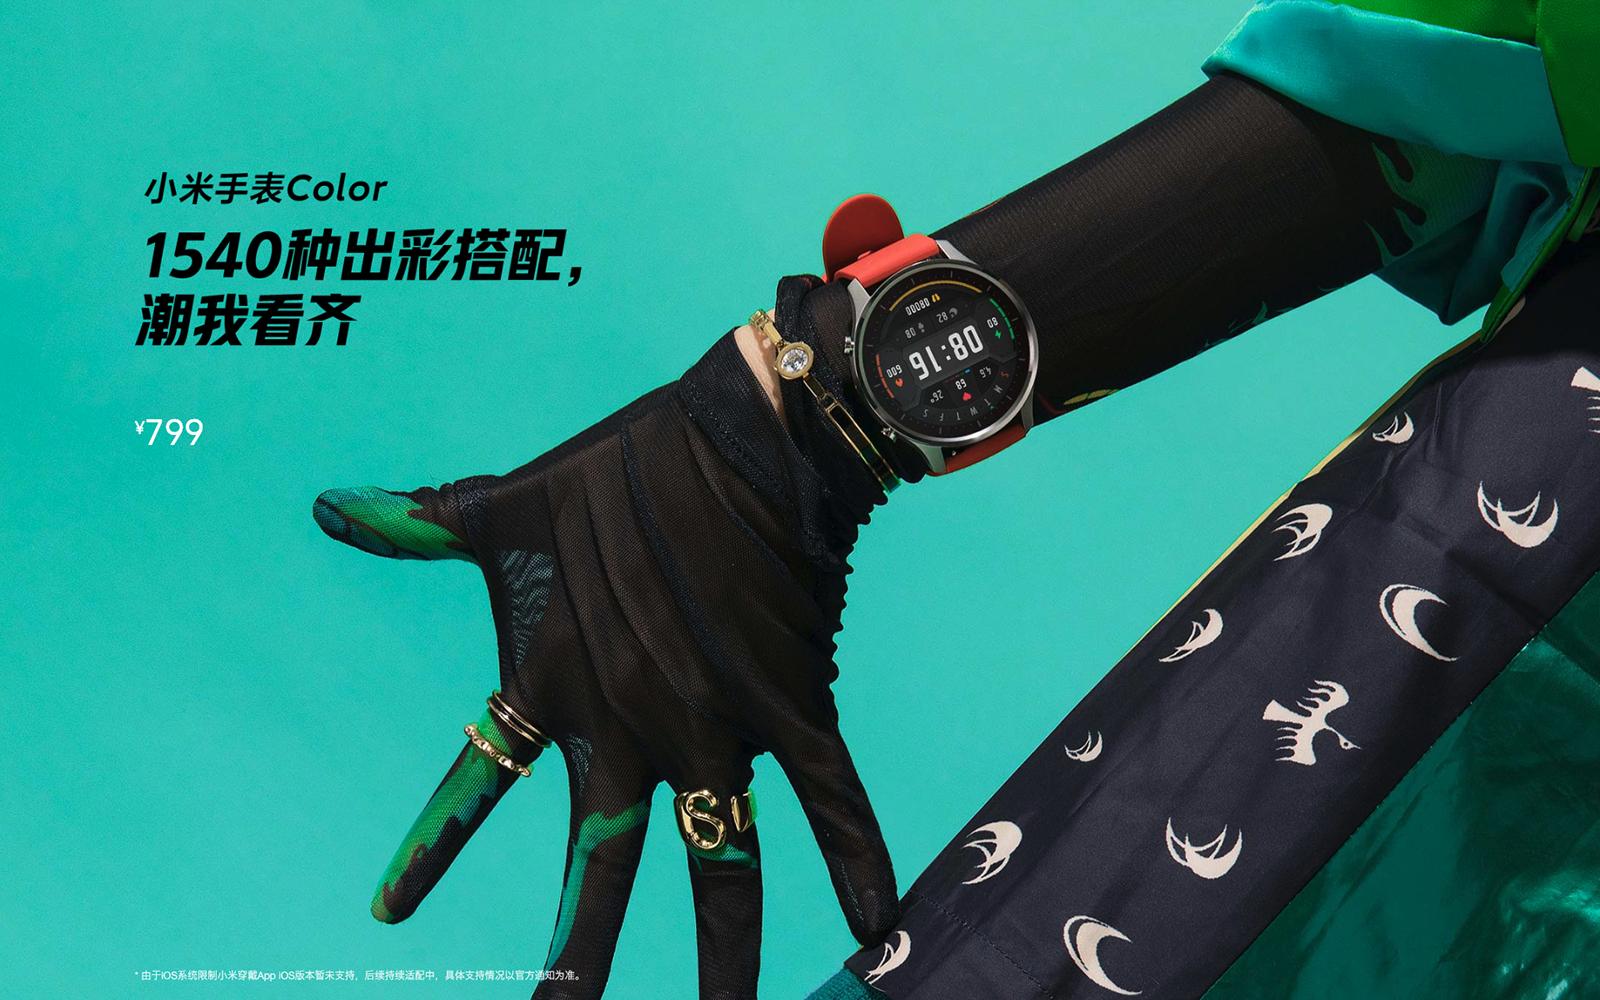 小米手表 Color